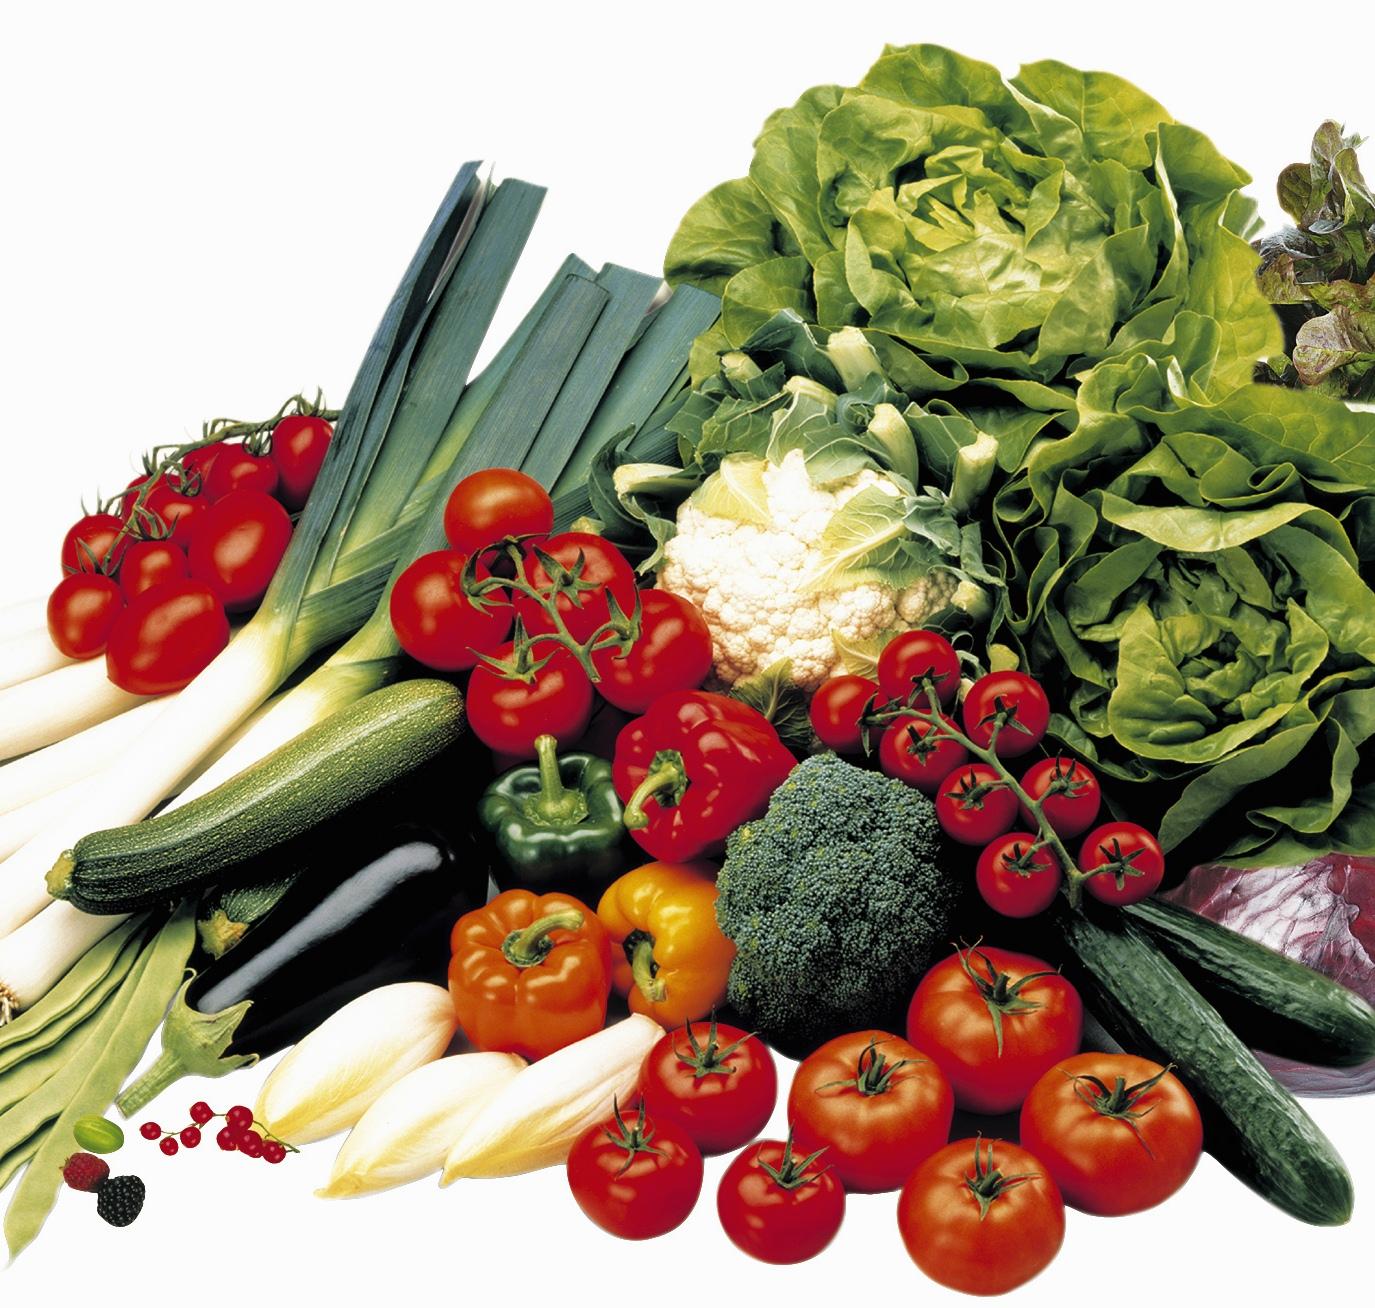 Afbeeldingsresultaat voor afbeelding groenten